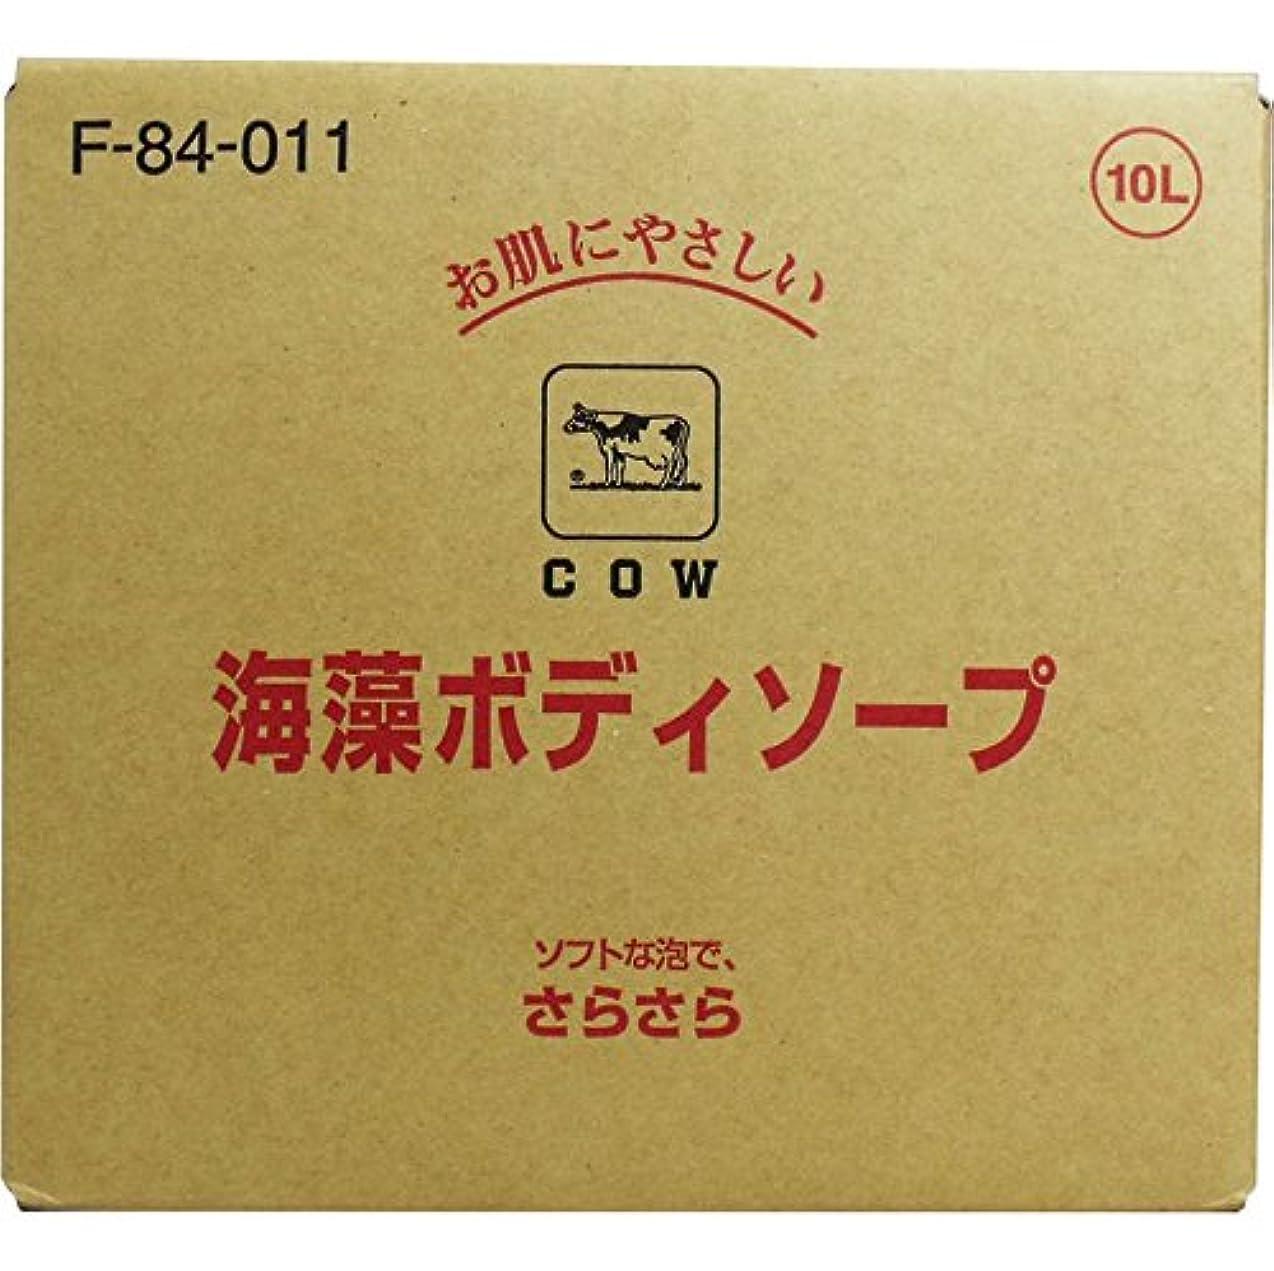 真鍮つづり不利益ボディ 石けん詰め替え さらさらした洗い心地 便利商品 牛乳ブランド 海藻ボディソープ 業務用 10L